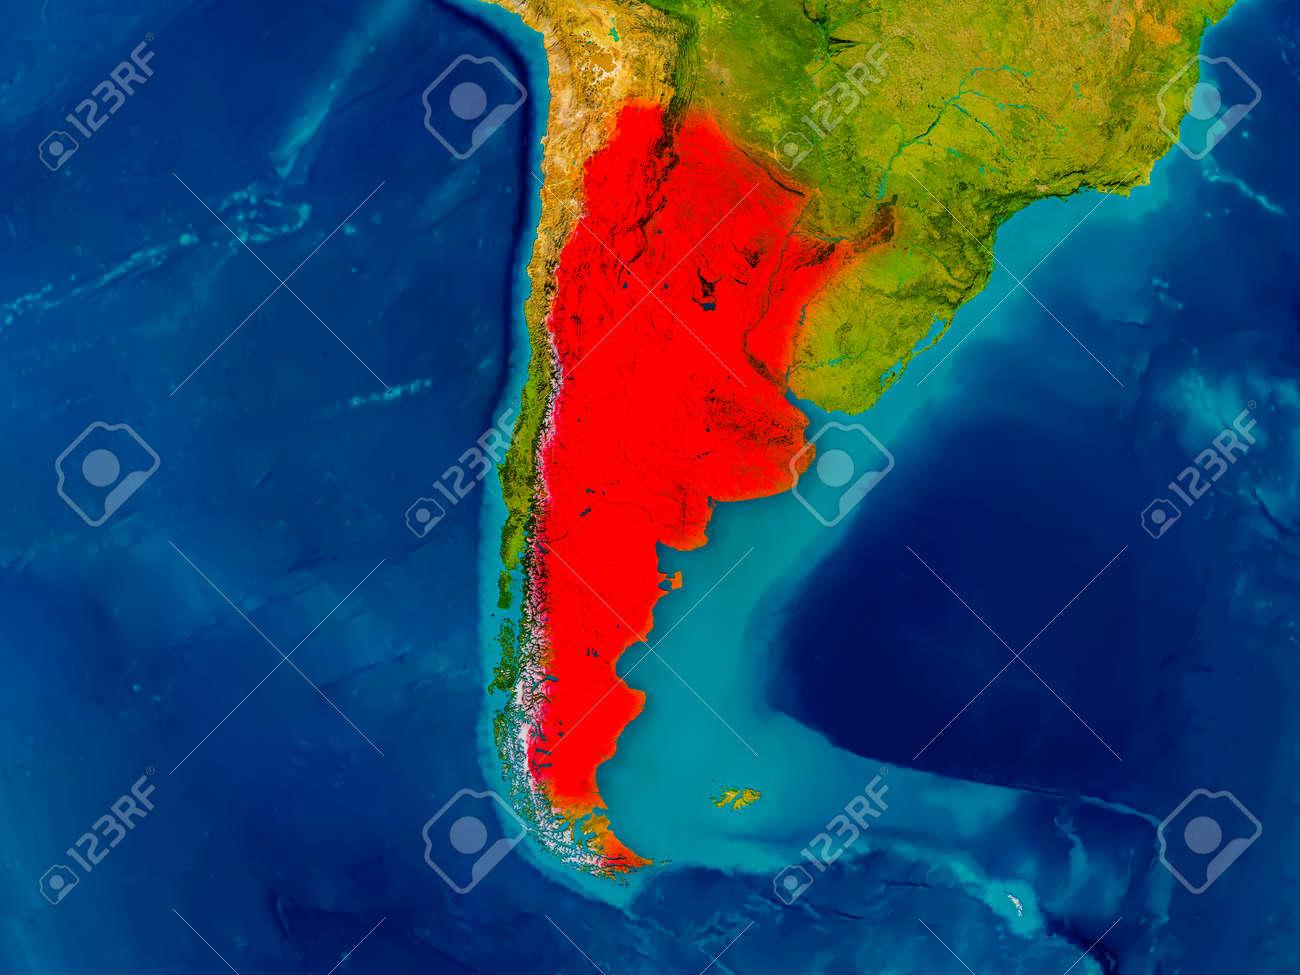 Argentina Destaco En Rojo En El Mapa Fisico Ilustracion 3d Fotos Retratos Imagenes Y Fotografia De Archivo Libres De Derecho Image 77614649